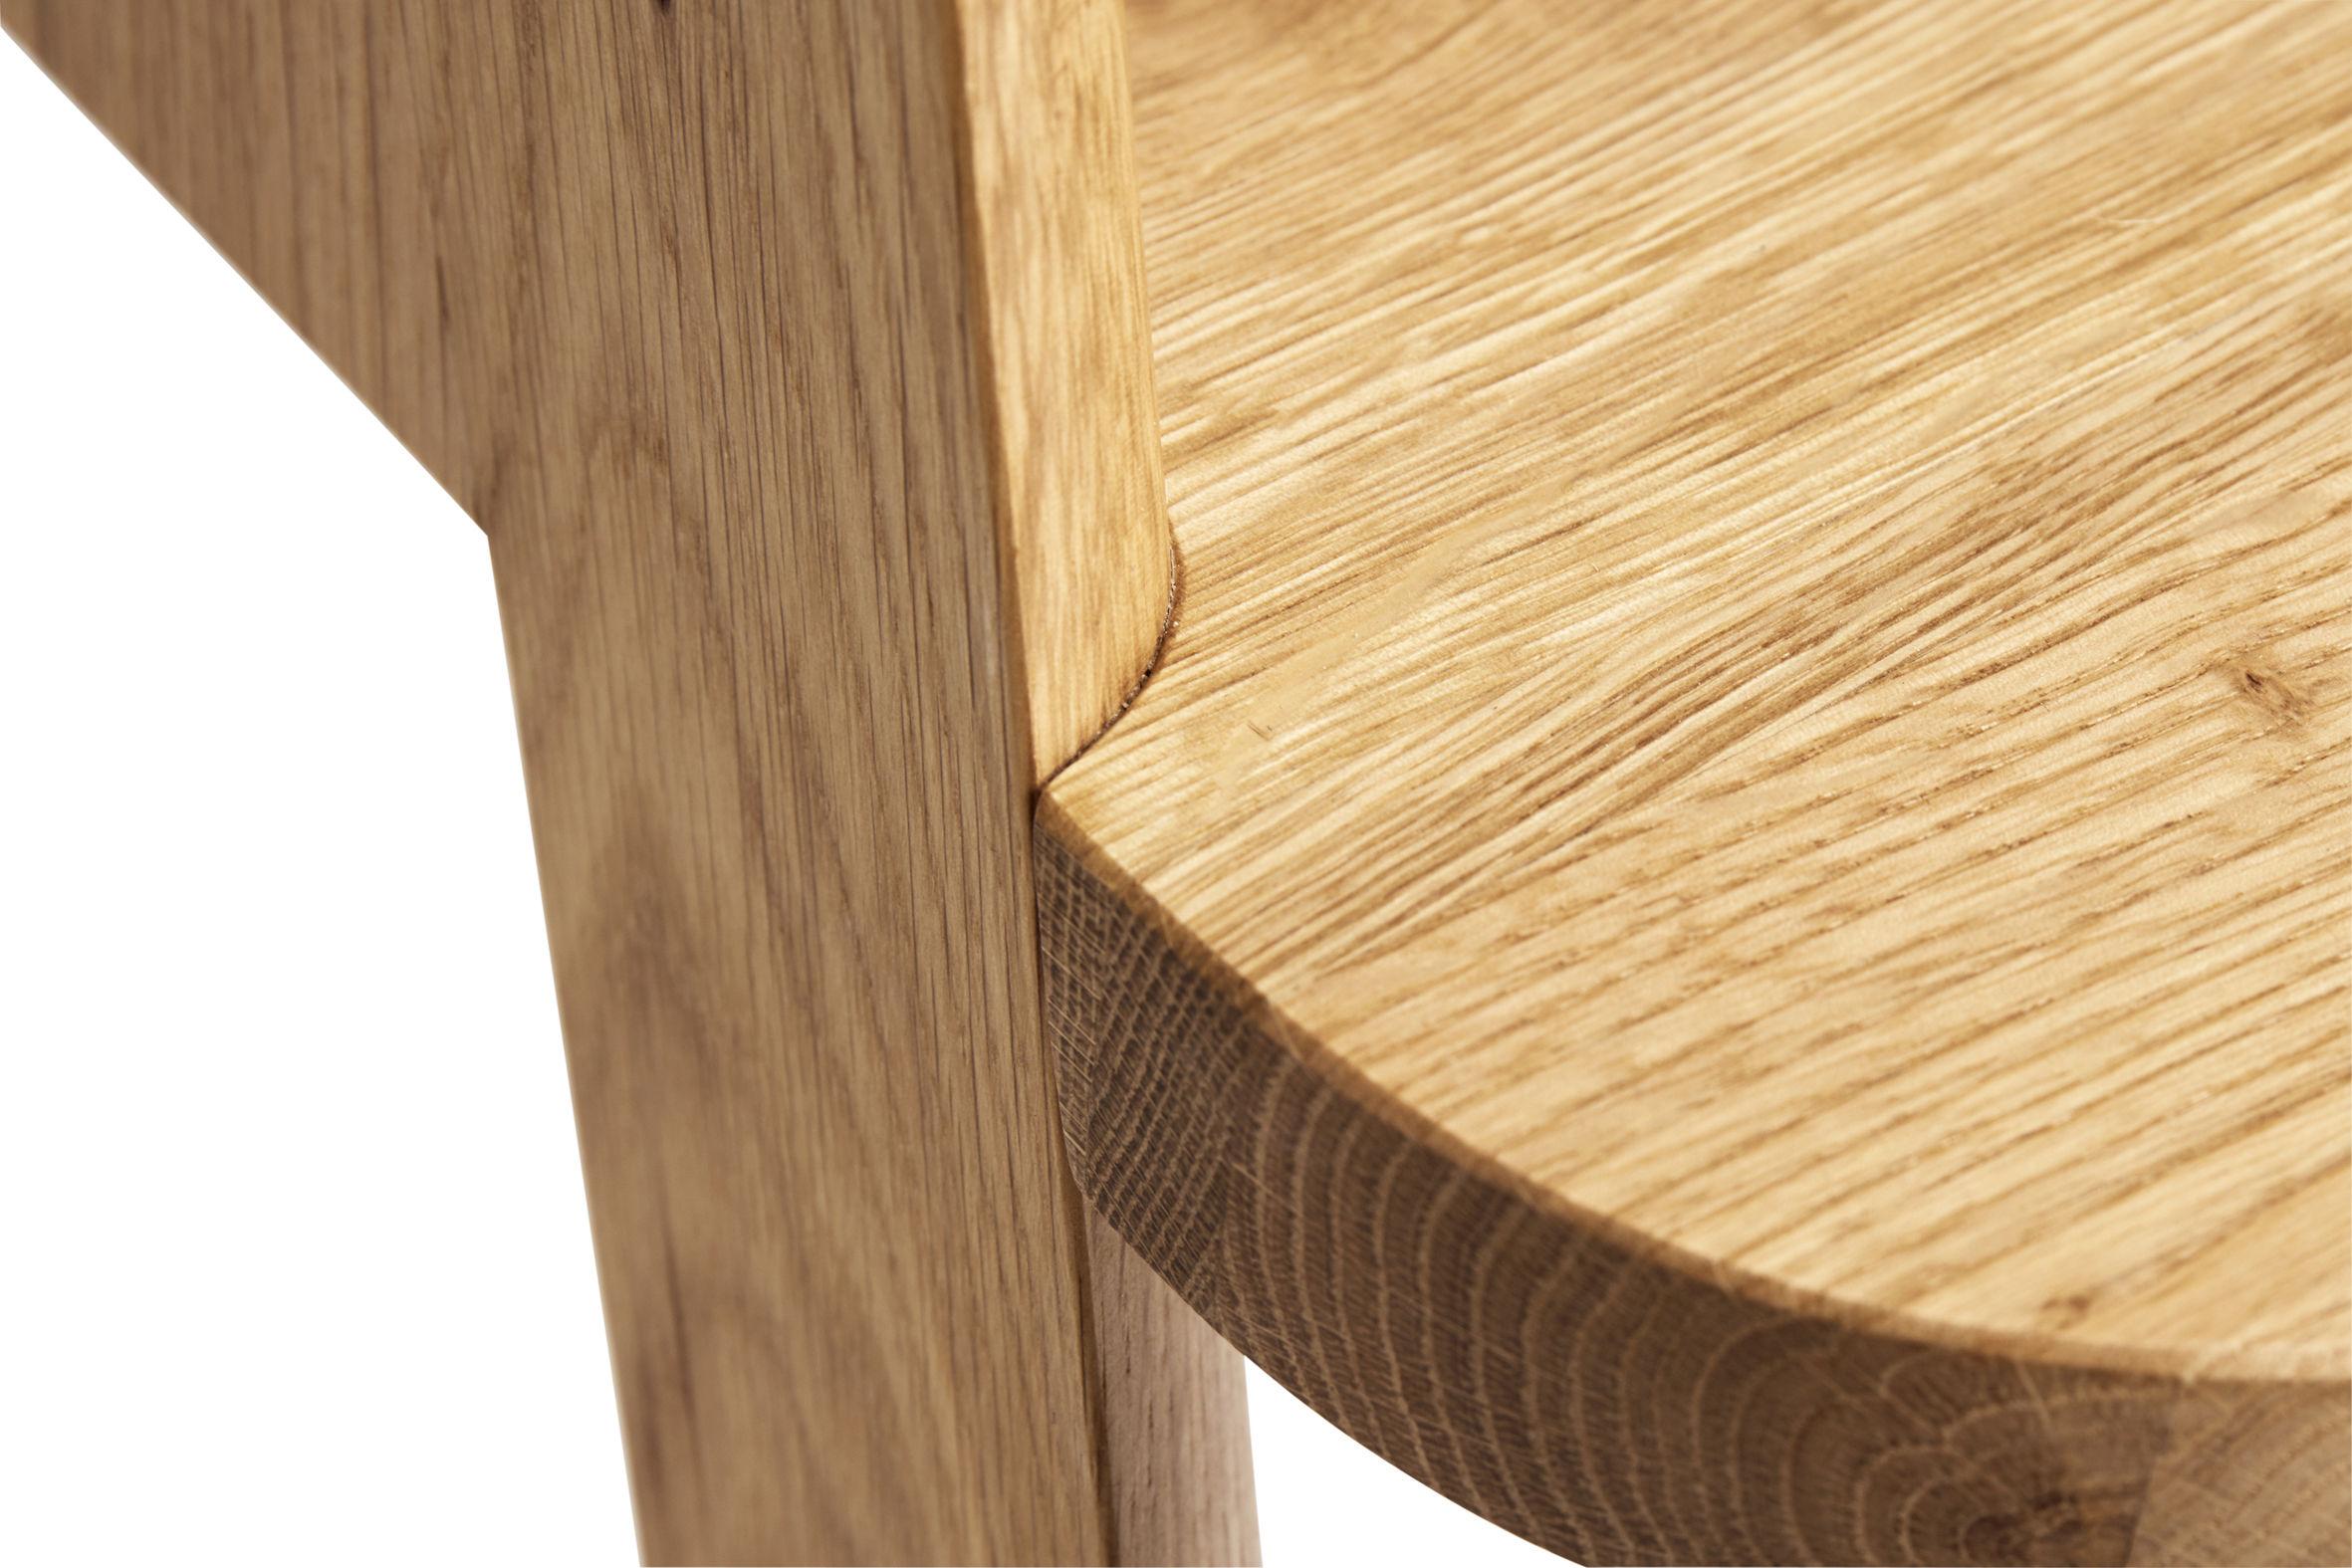 Stepladder Butler By Hay Natural Wood Made In Design Uk